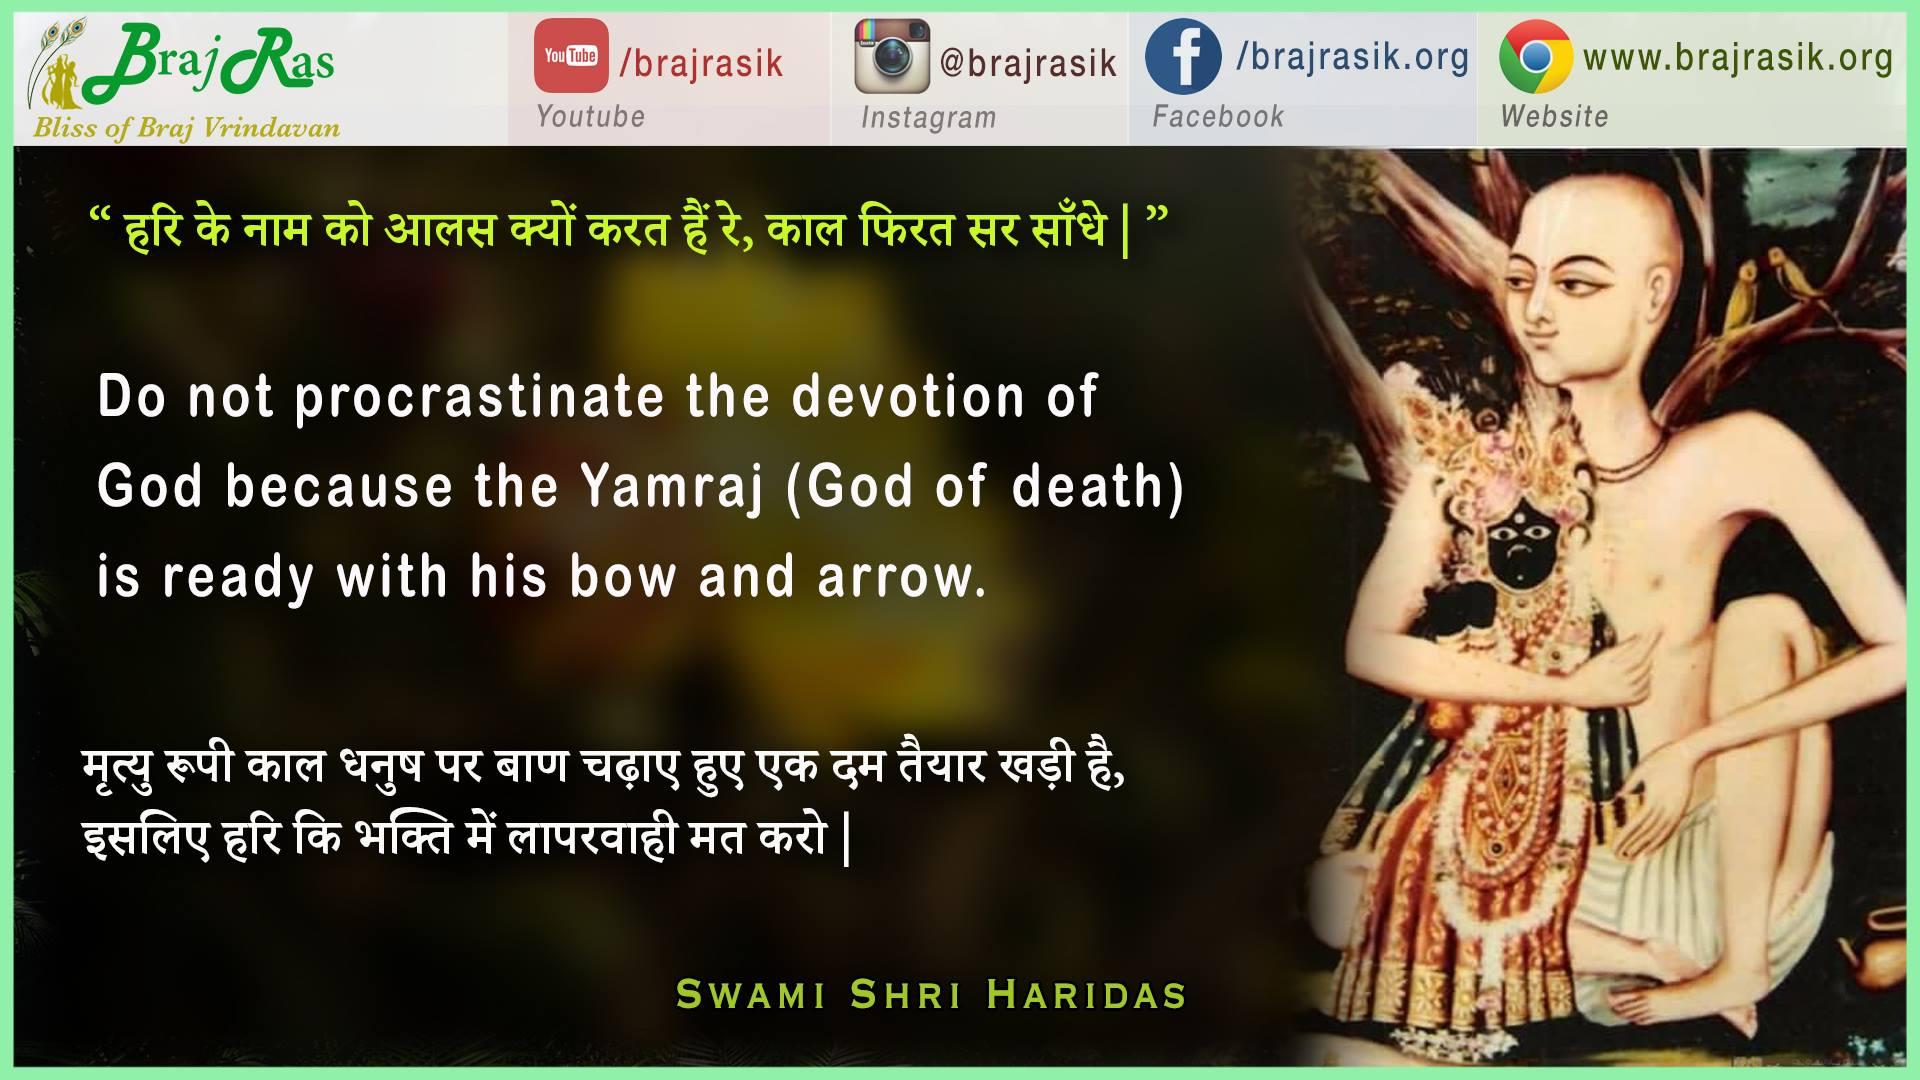 Hari Ke Naam Ko Aalas Kyun Karat Hari Re - Swami Shri Haridas